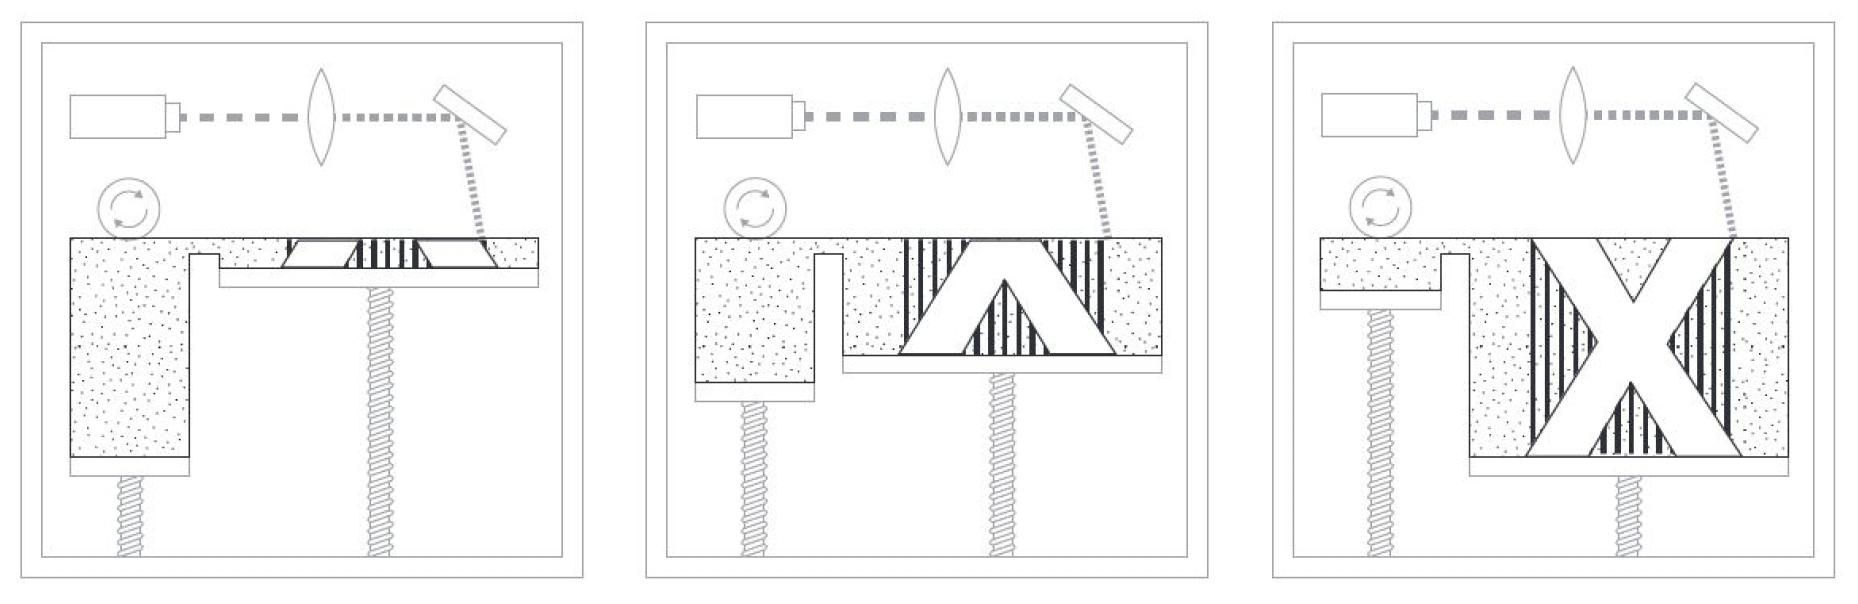 SLM/DMLS (Selective Laser Melting / Direct Metal Laser Sintering)